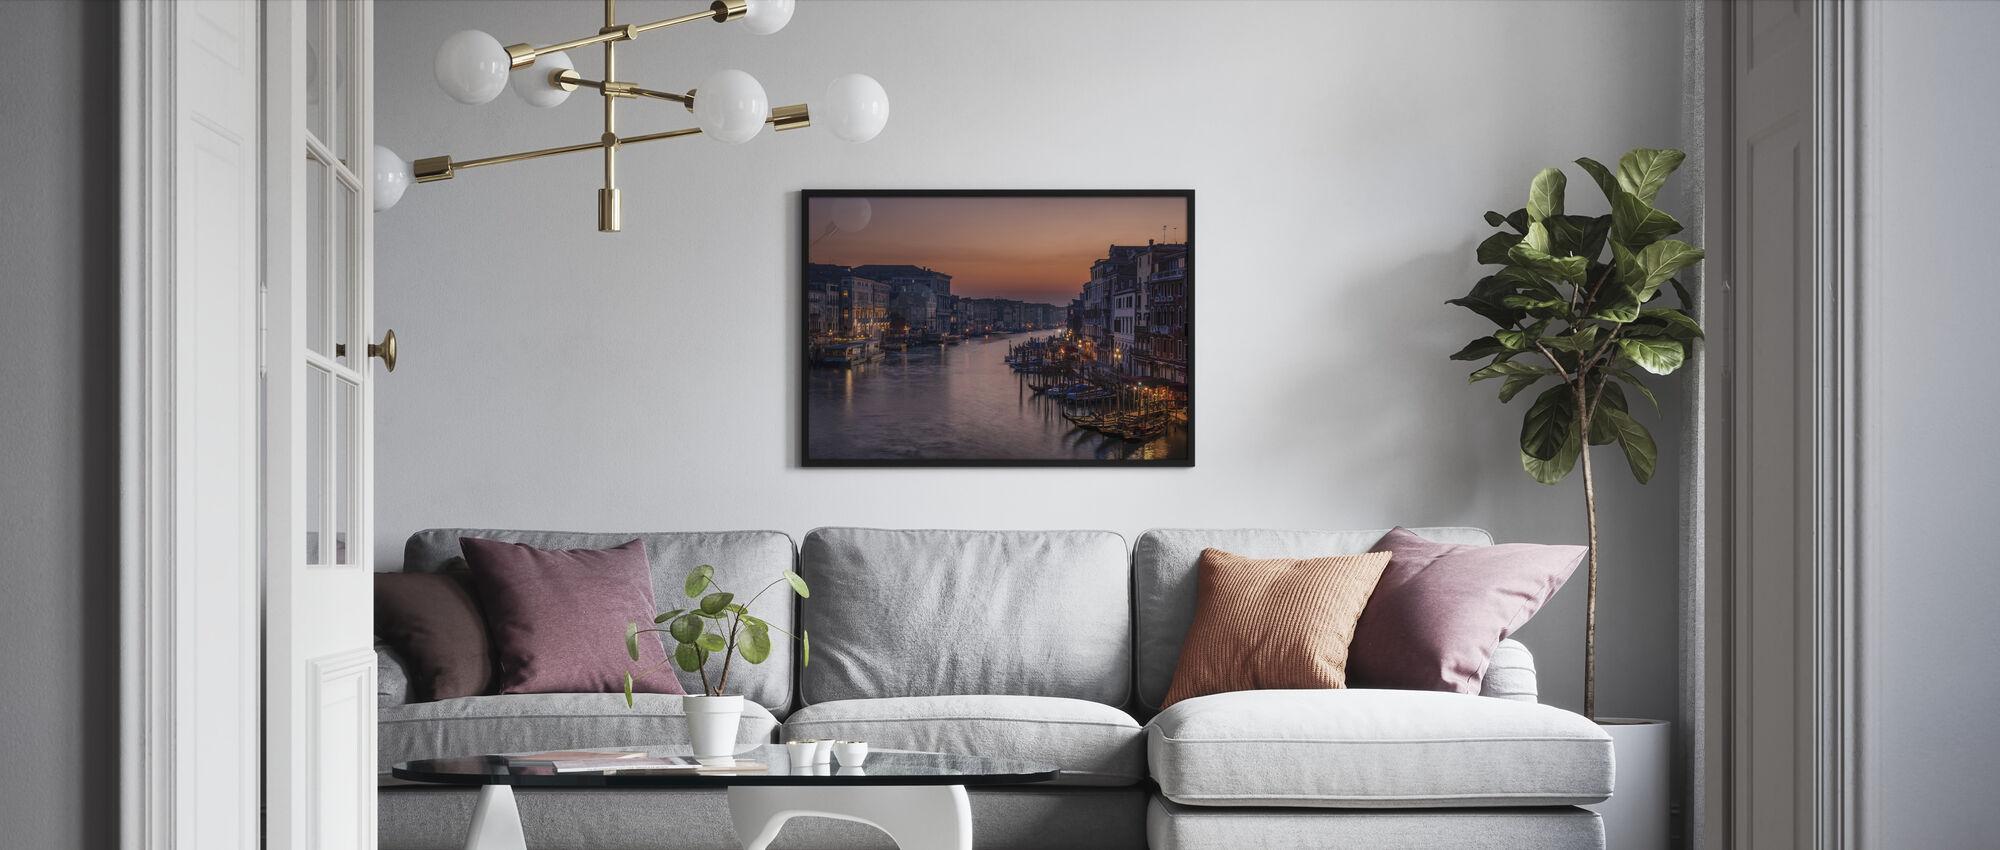 Venedig Grand Canal ved Sunset - Innrammet bilde - Stue